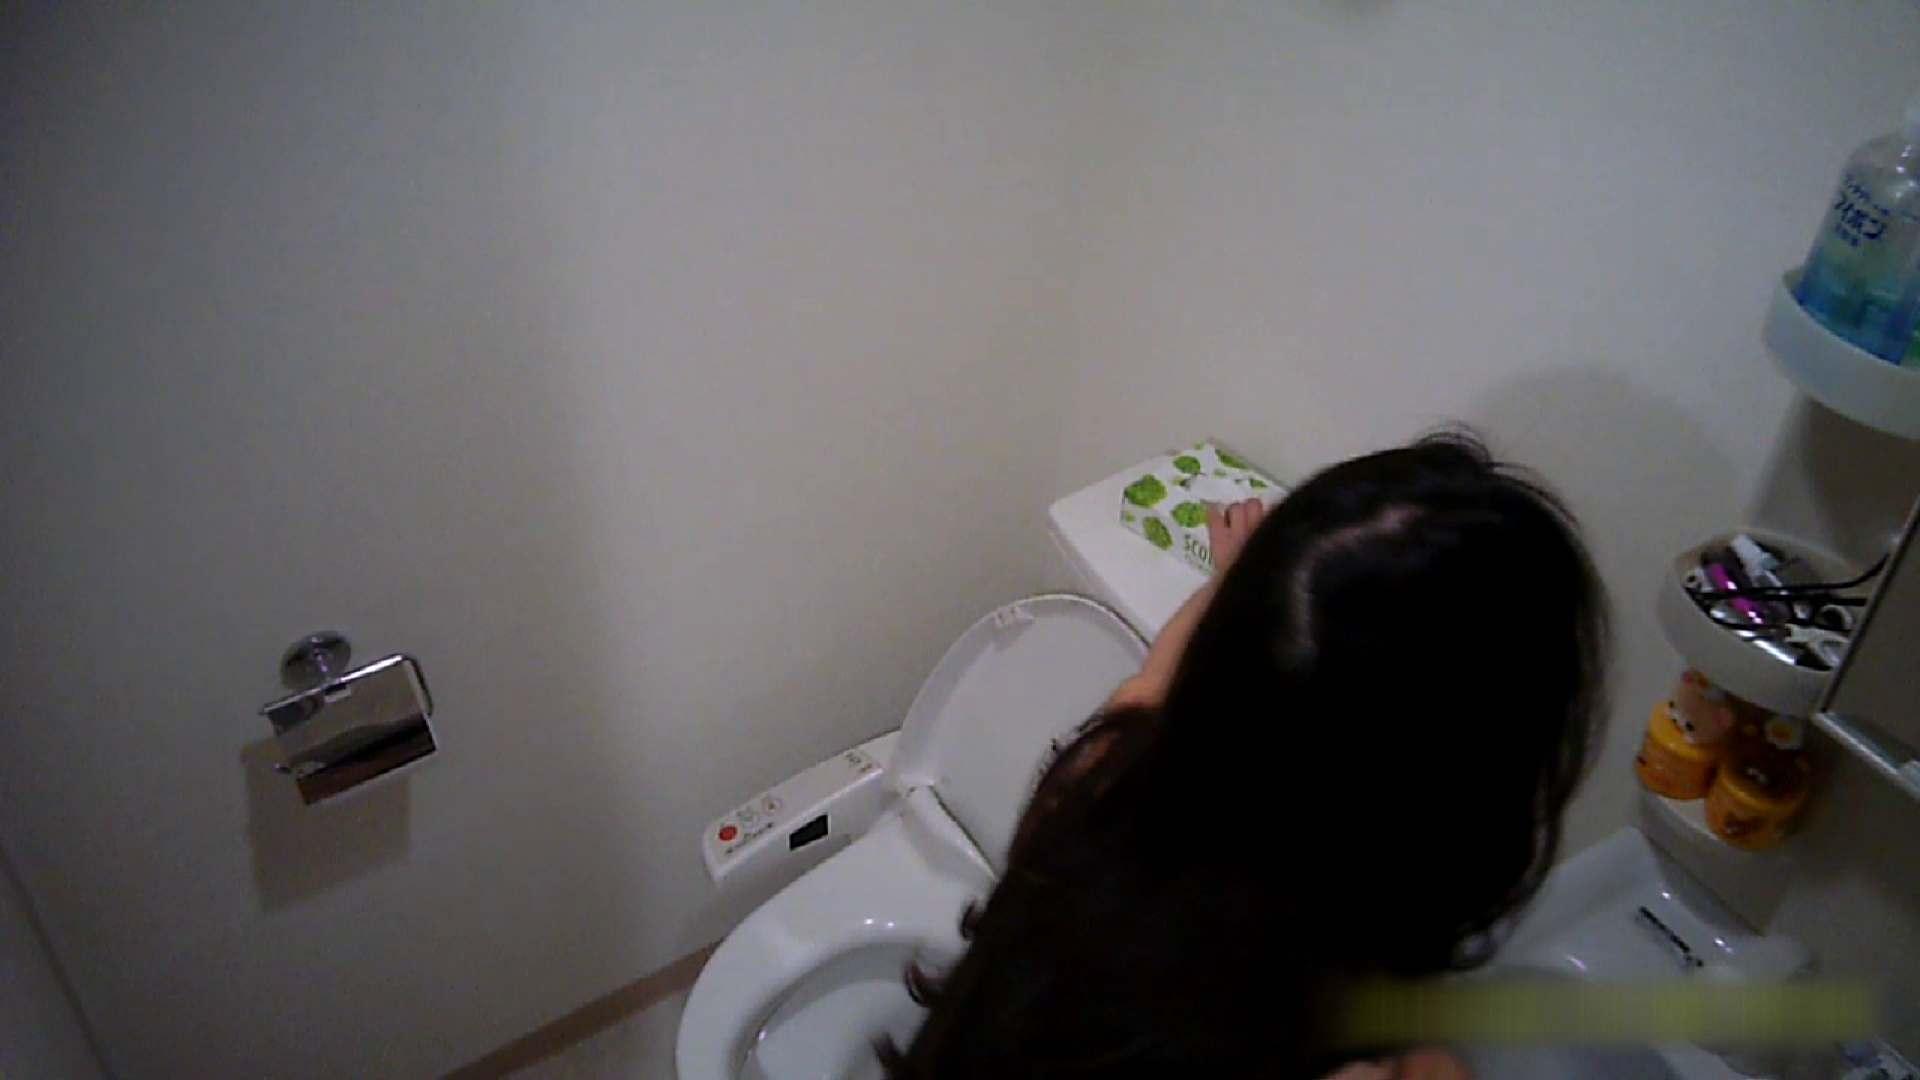 清楚な顔してかなり敏感なE子25歳(仮名)Vol.05 裸でトイレ編 トイレ中 | OL  68連発 27